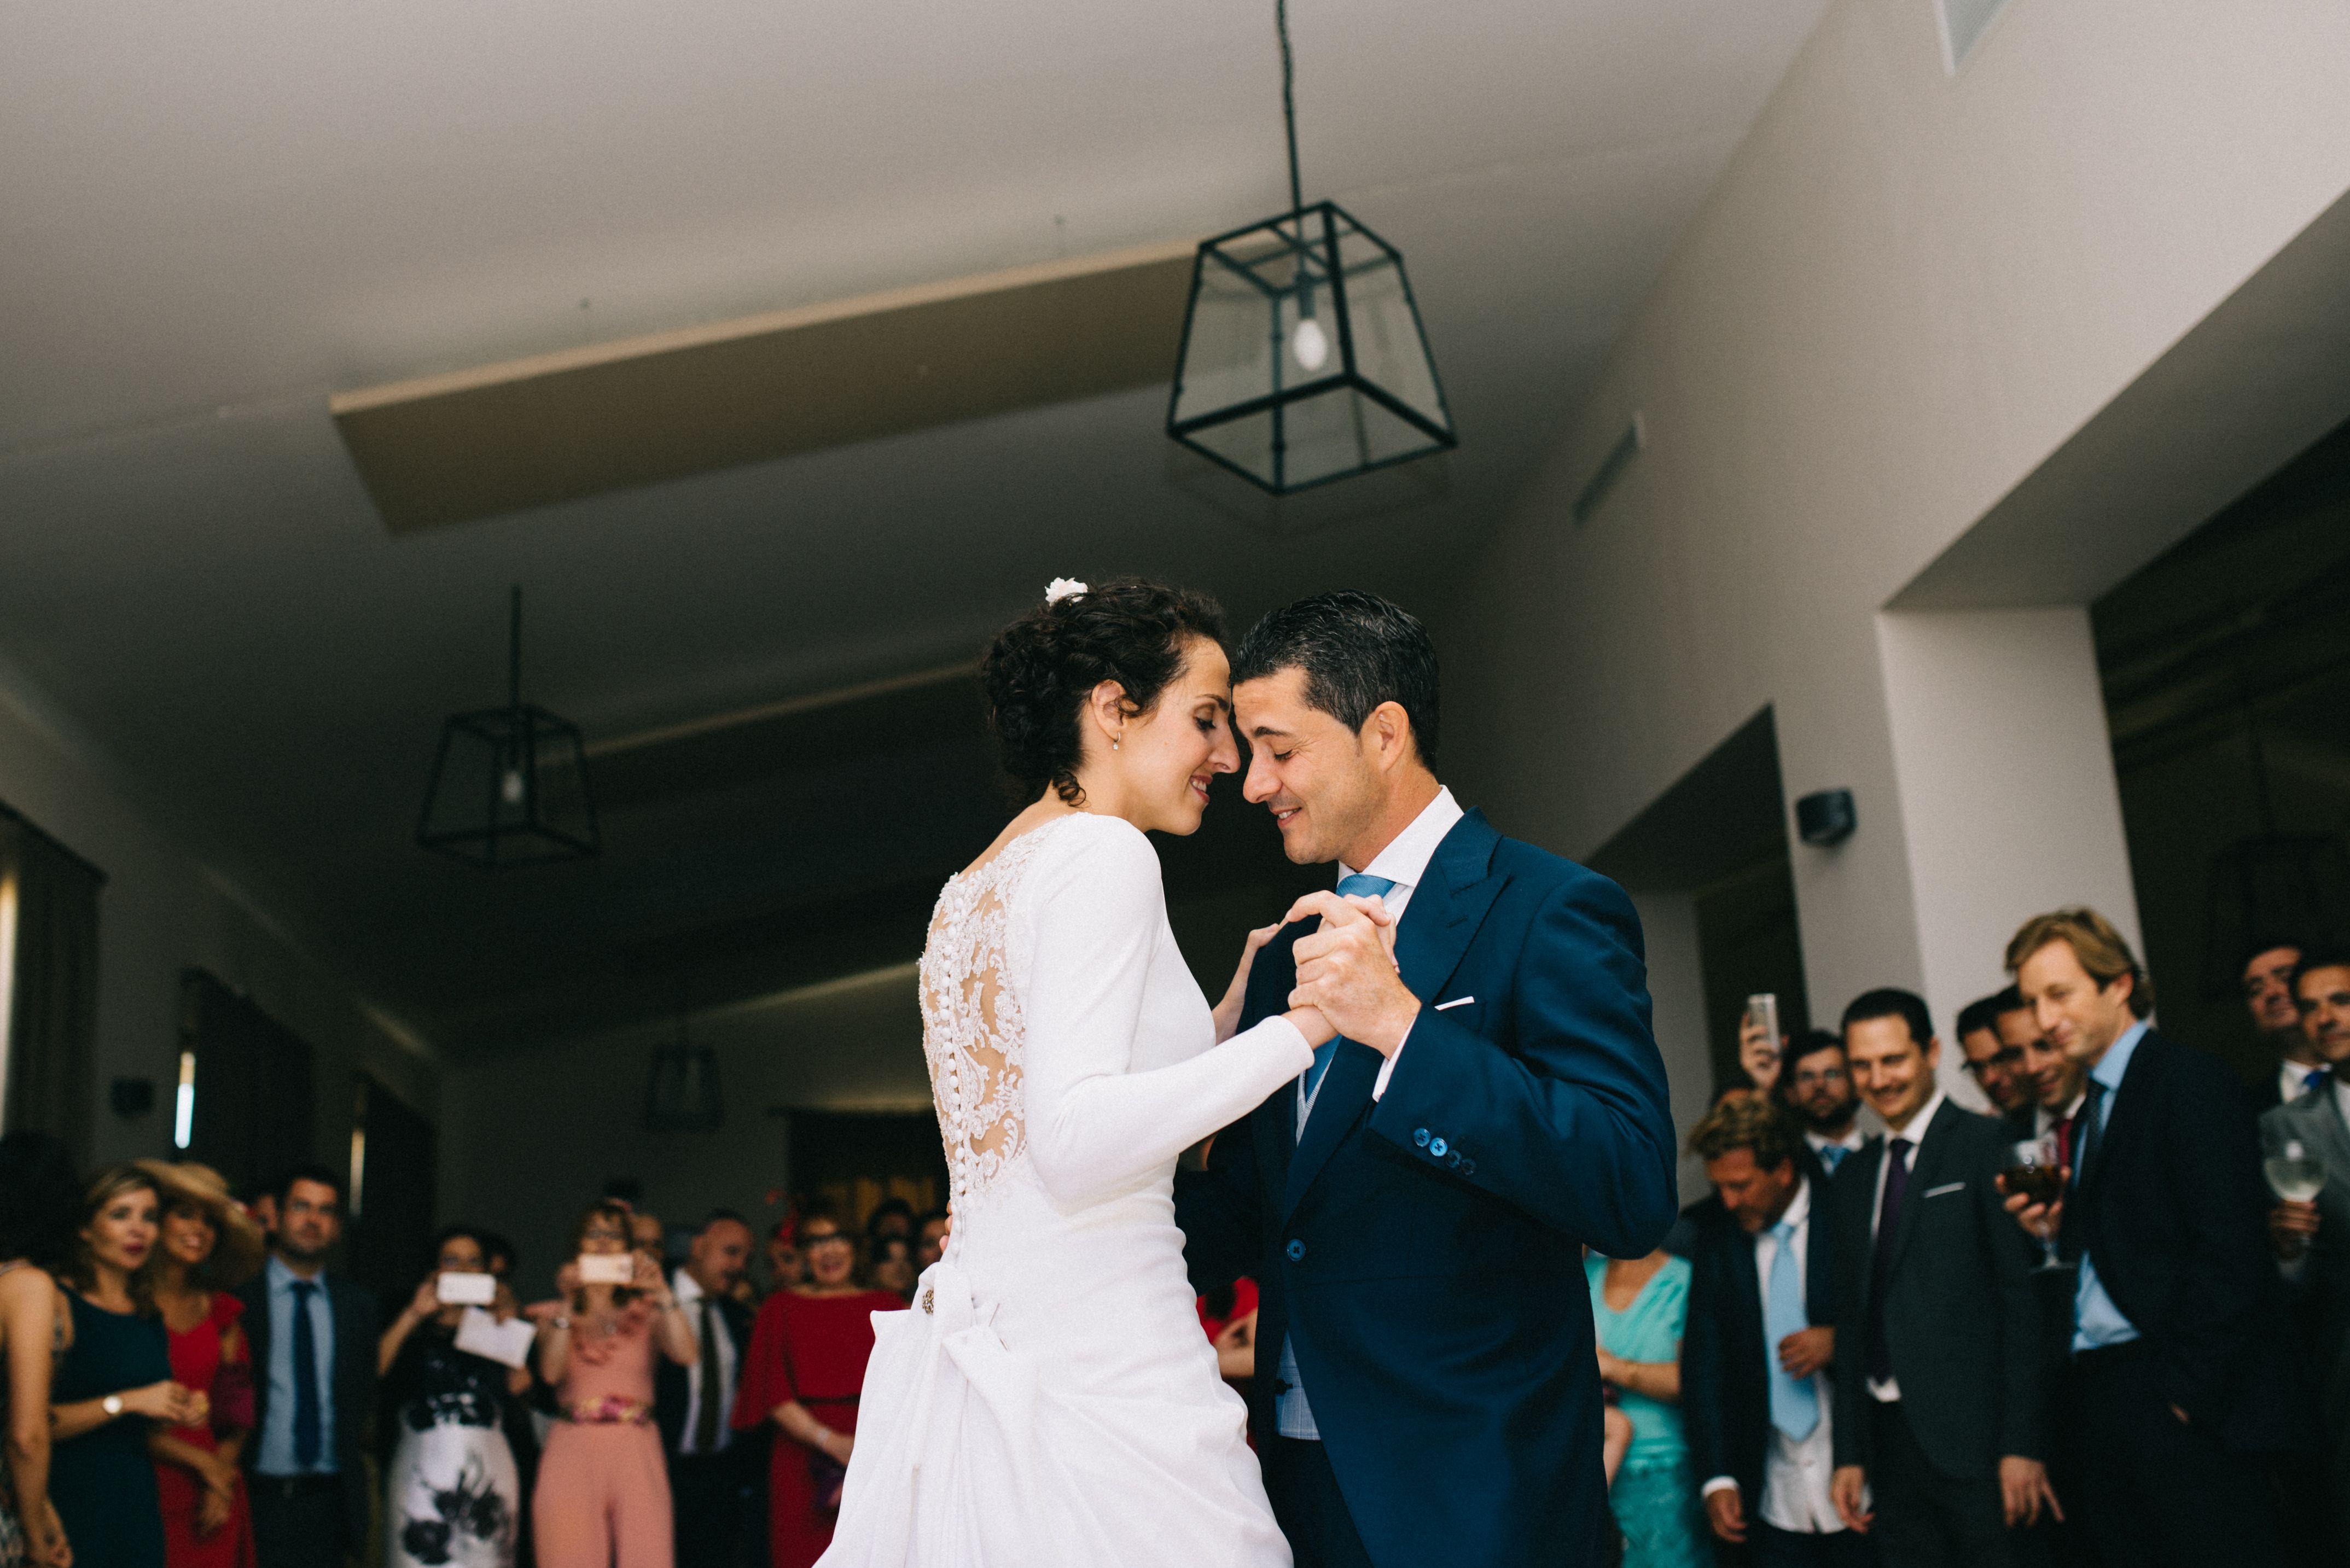 La boda de María y Guillermo en Cortijo Olivar de la Sargenta-195